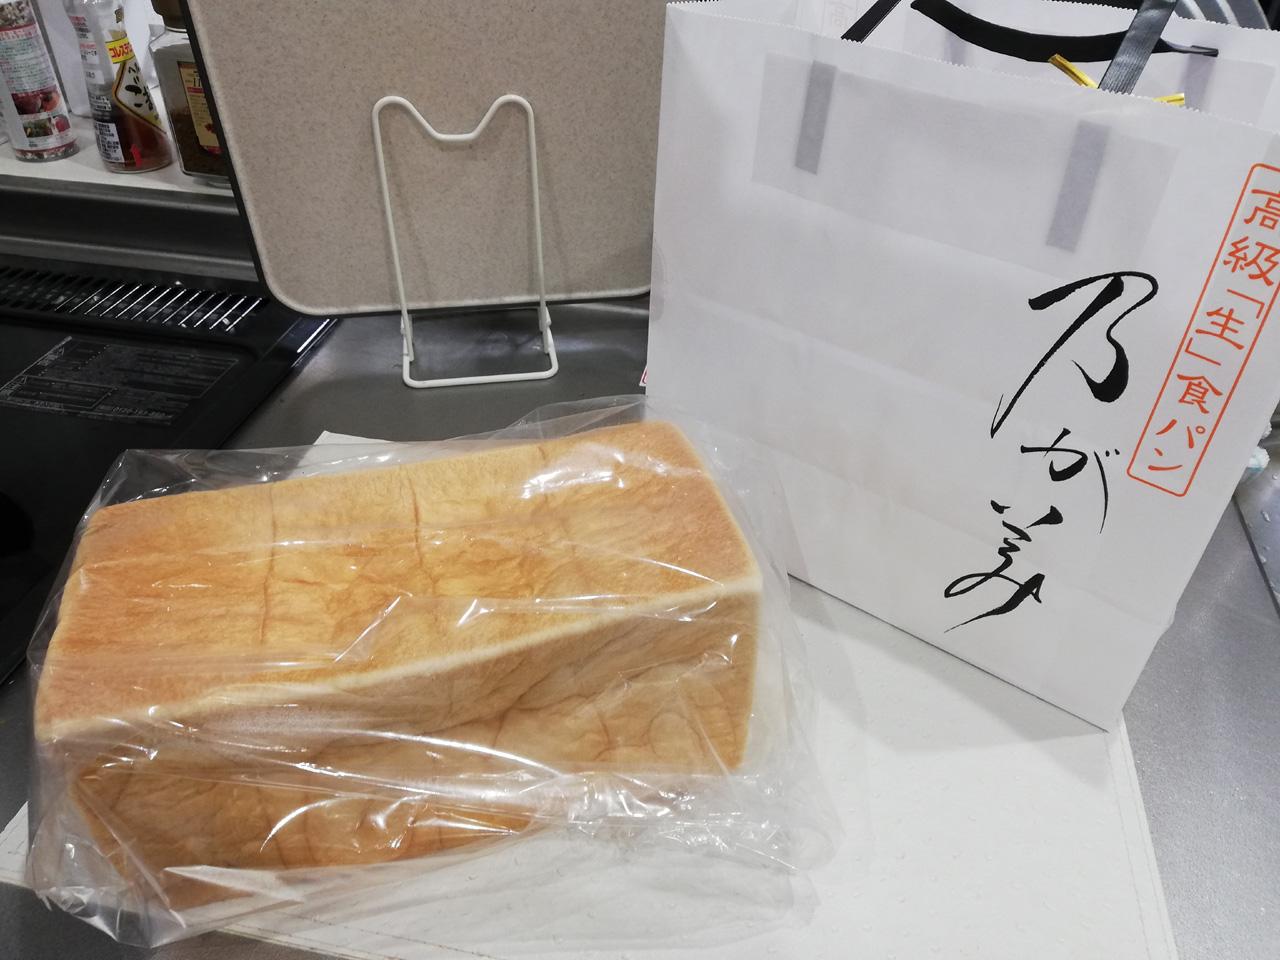 乃がみの生食パン